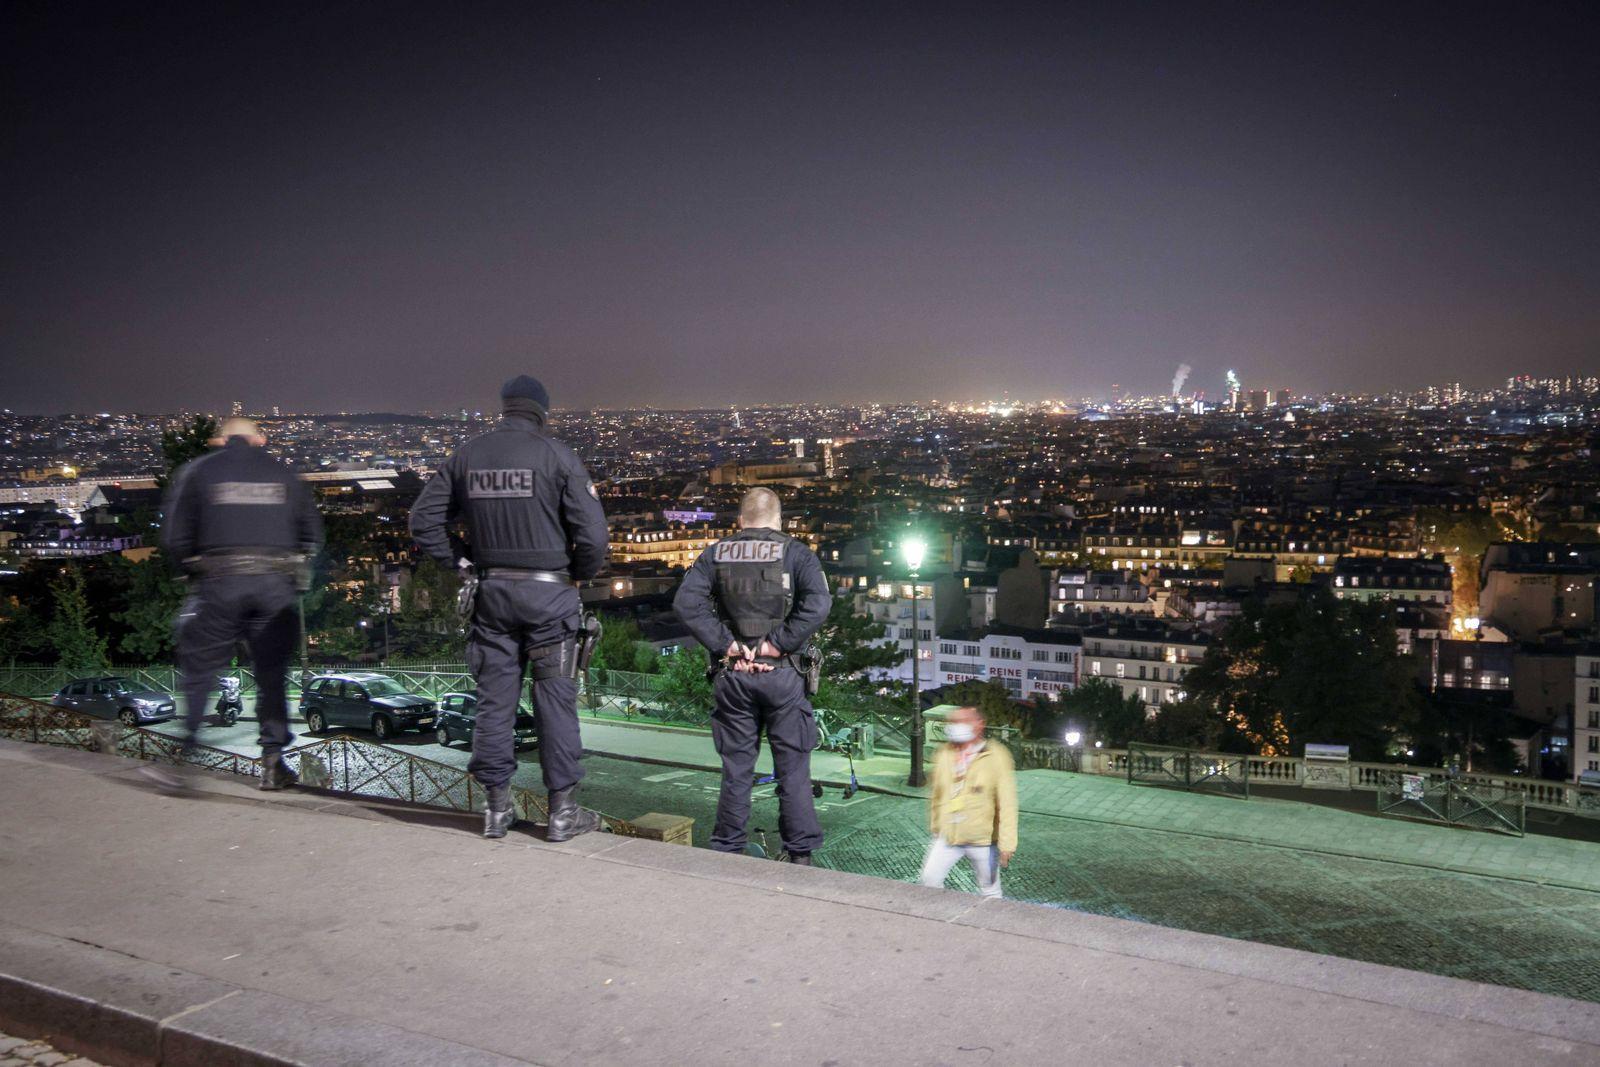 aris, FRANCE, le 17 septembre 2020 - Premiere soiree de couvre feu a 21 heures mis en place par les autorites pour enray